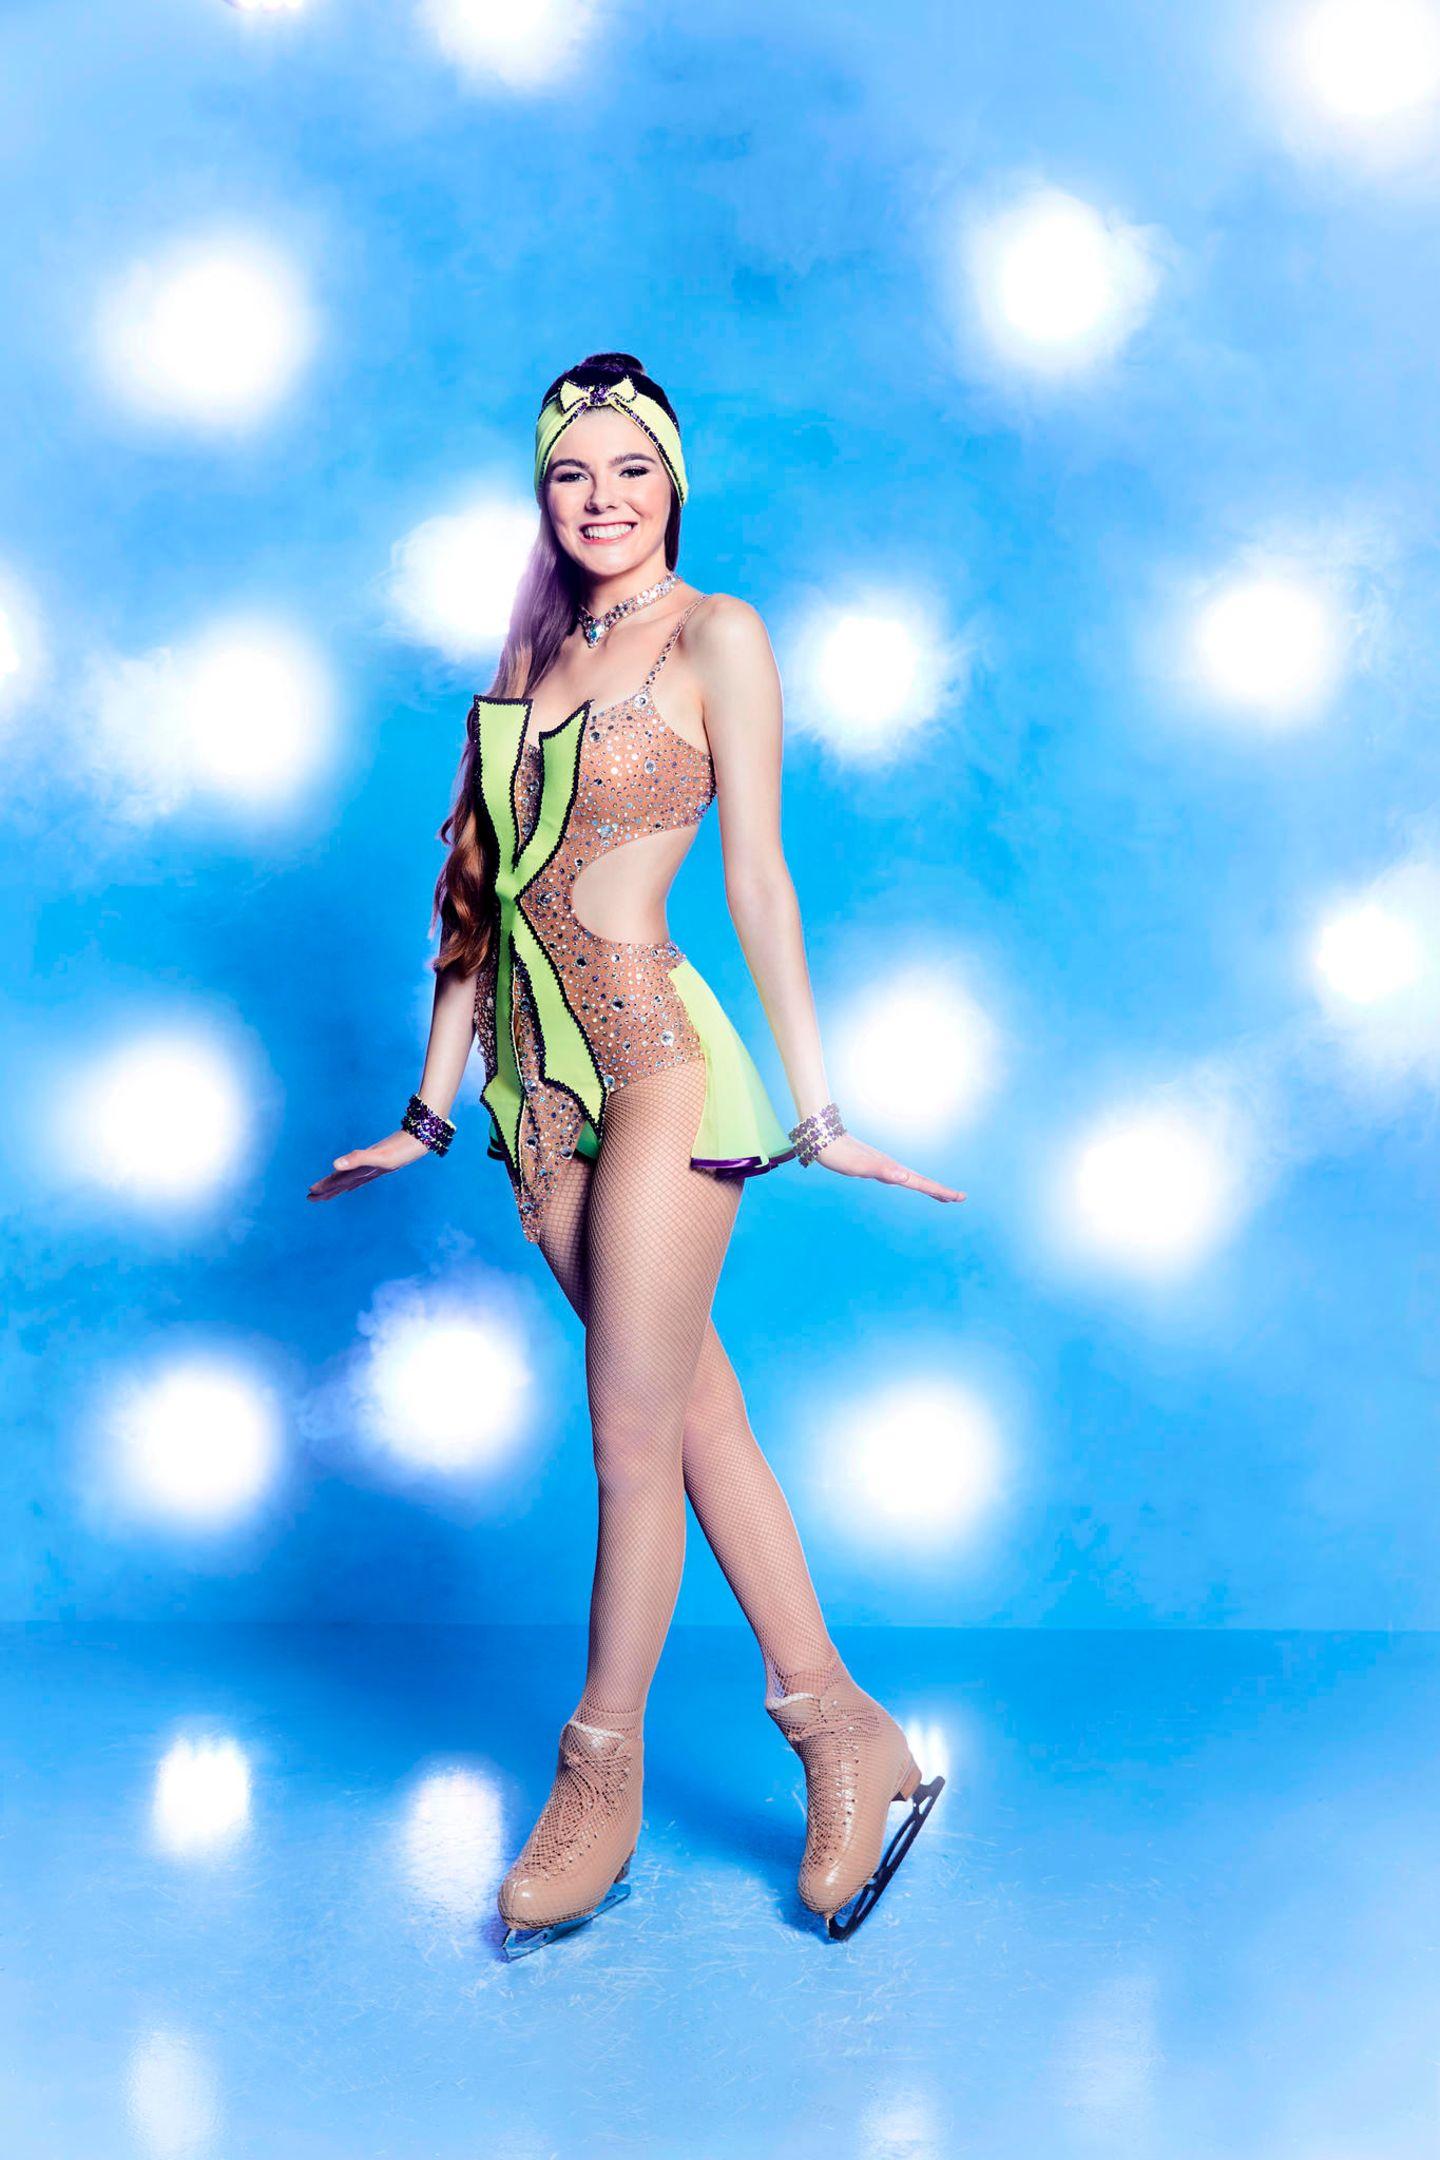 """Klaudia Giez, 23  Bei """"Germany's next Topmodel"""" fiel sie als """"Klaudia mit K"""" durch ihre liebenswerte Tollpatschigkeit auf. Ob sie im Eislaufkostüm eher stolpert als tanzt oder doch als grazile Läuferin die Jury von sich überzeugen kann, wird sich zeigen."""